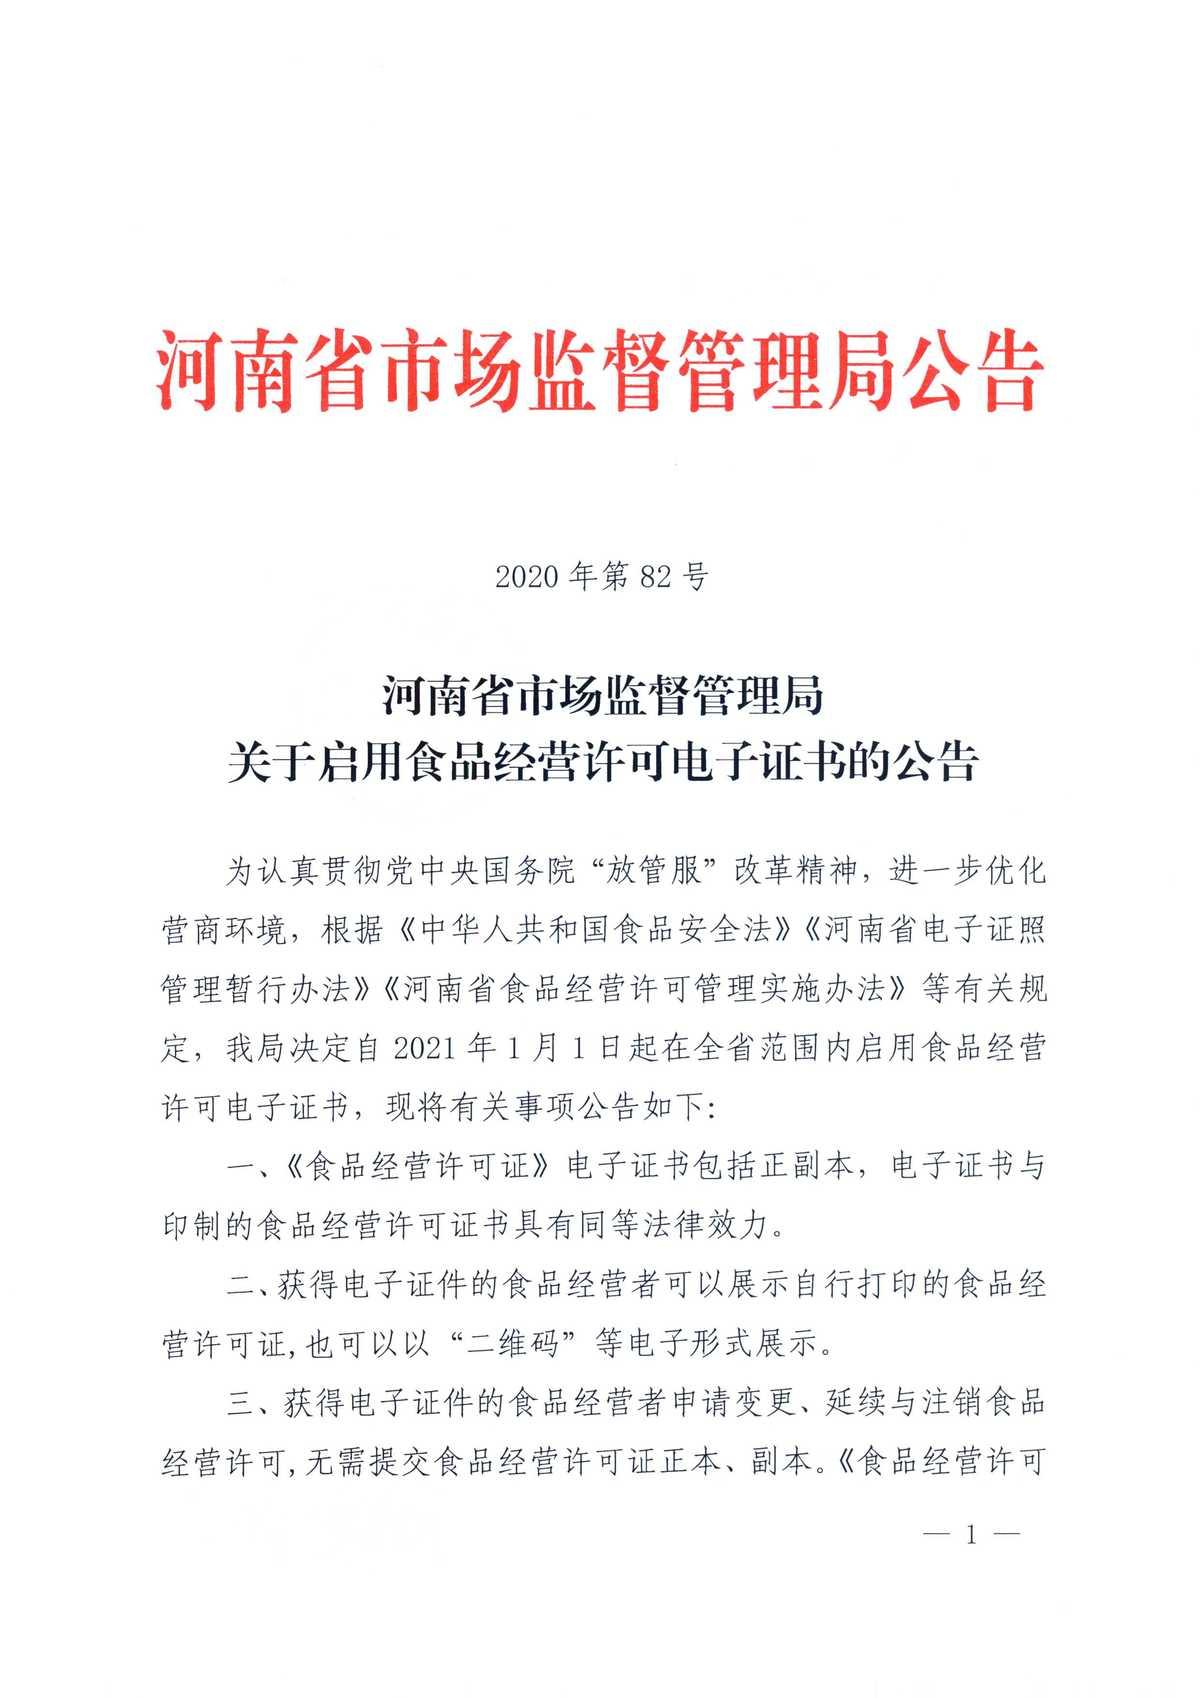 河南省市场监督管理局关于启用食品经营许可电子证书的公告